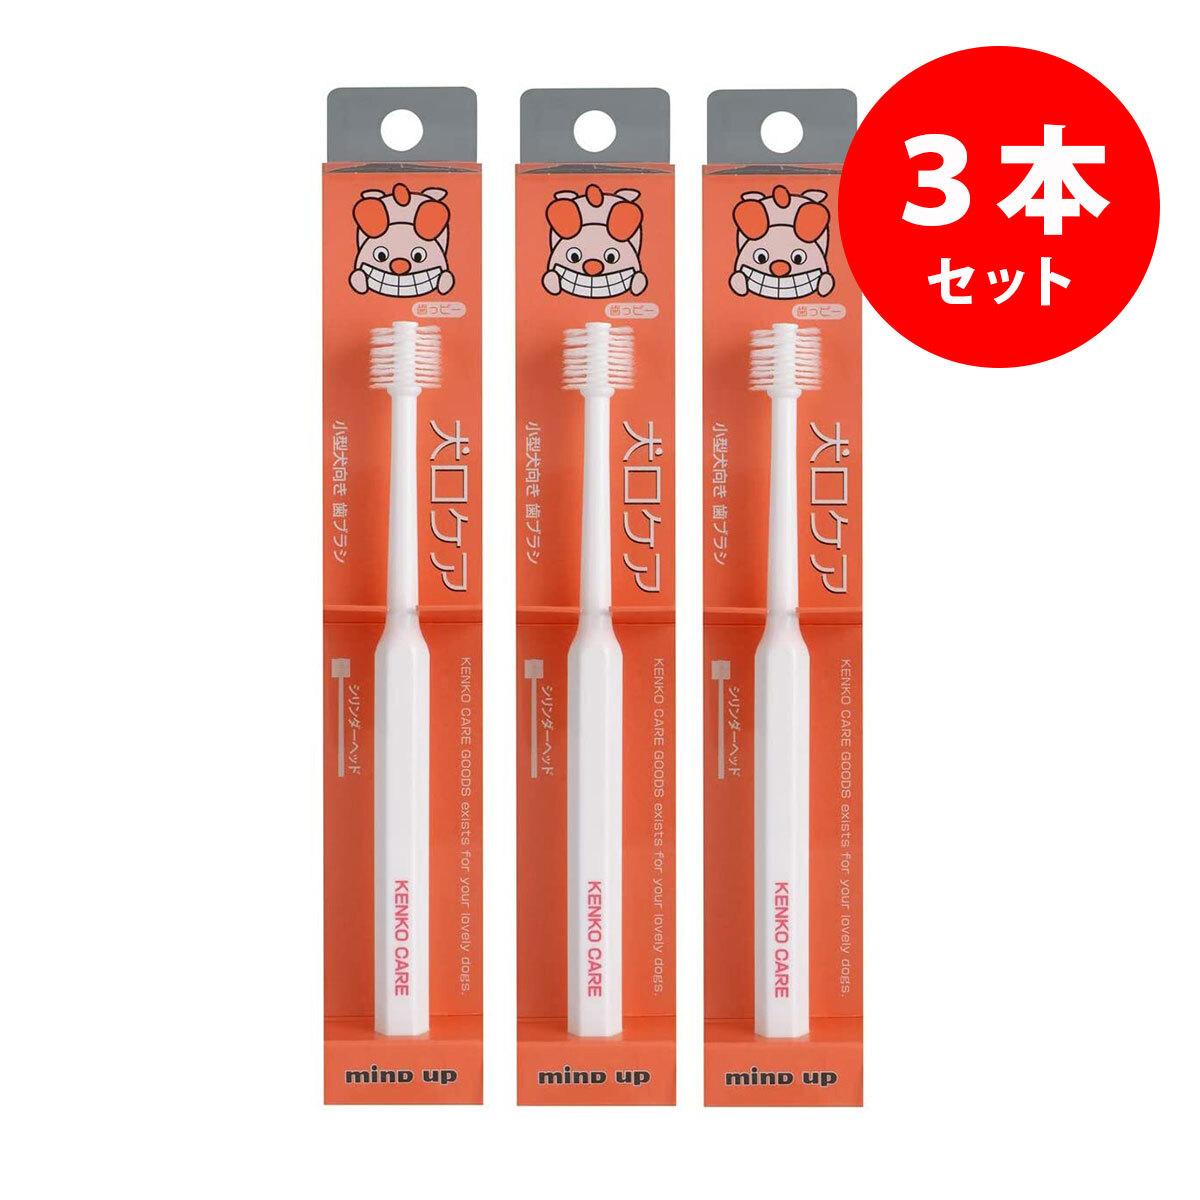 犬口ケア 歯ブラシ 小型犬 買い物 シリンダーヘッド 3本セット 愛犬デンタルケア 愛犬歯磨き 簡単 はみがき 高級